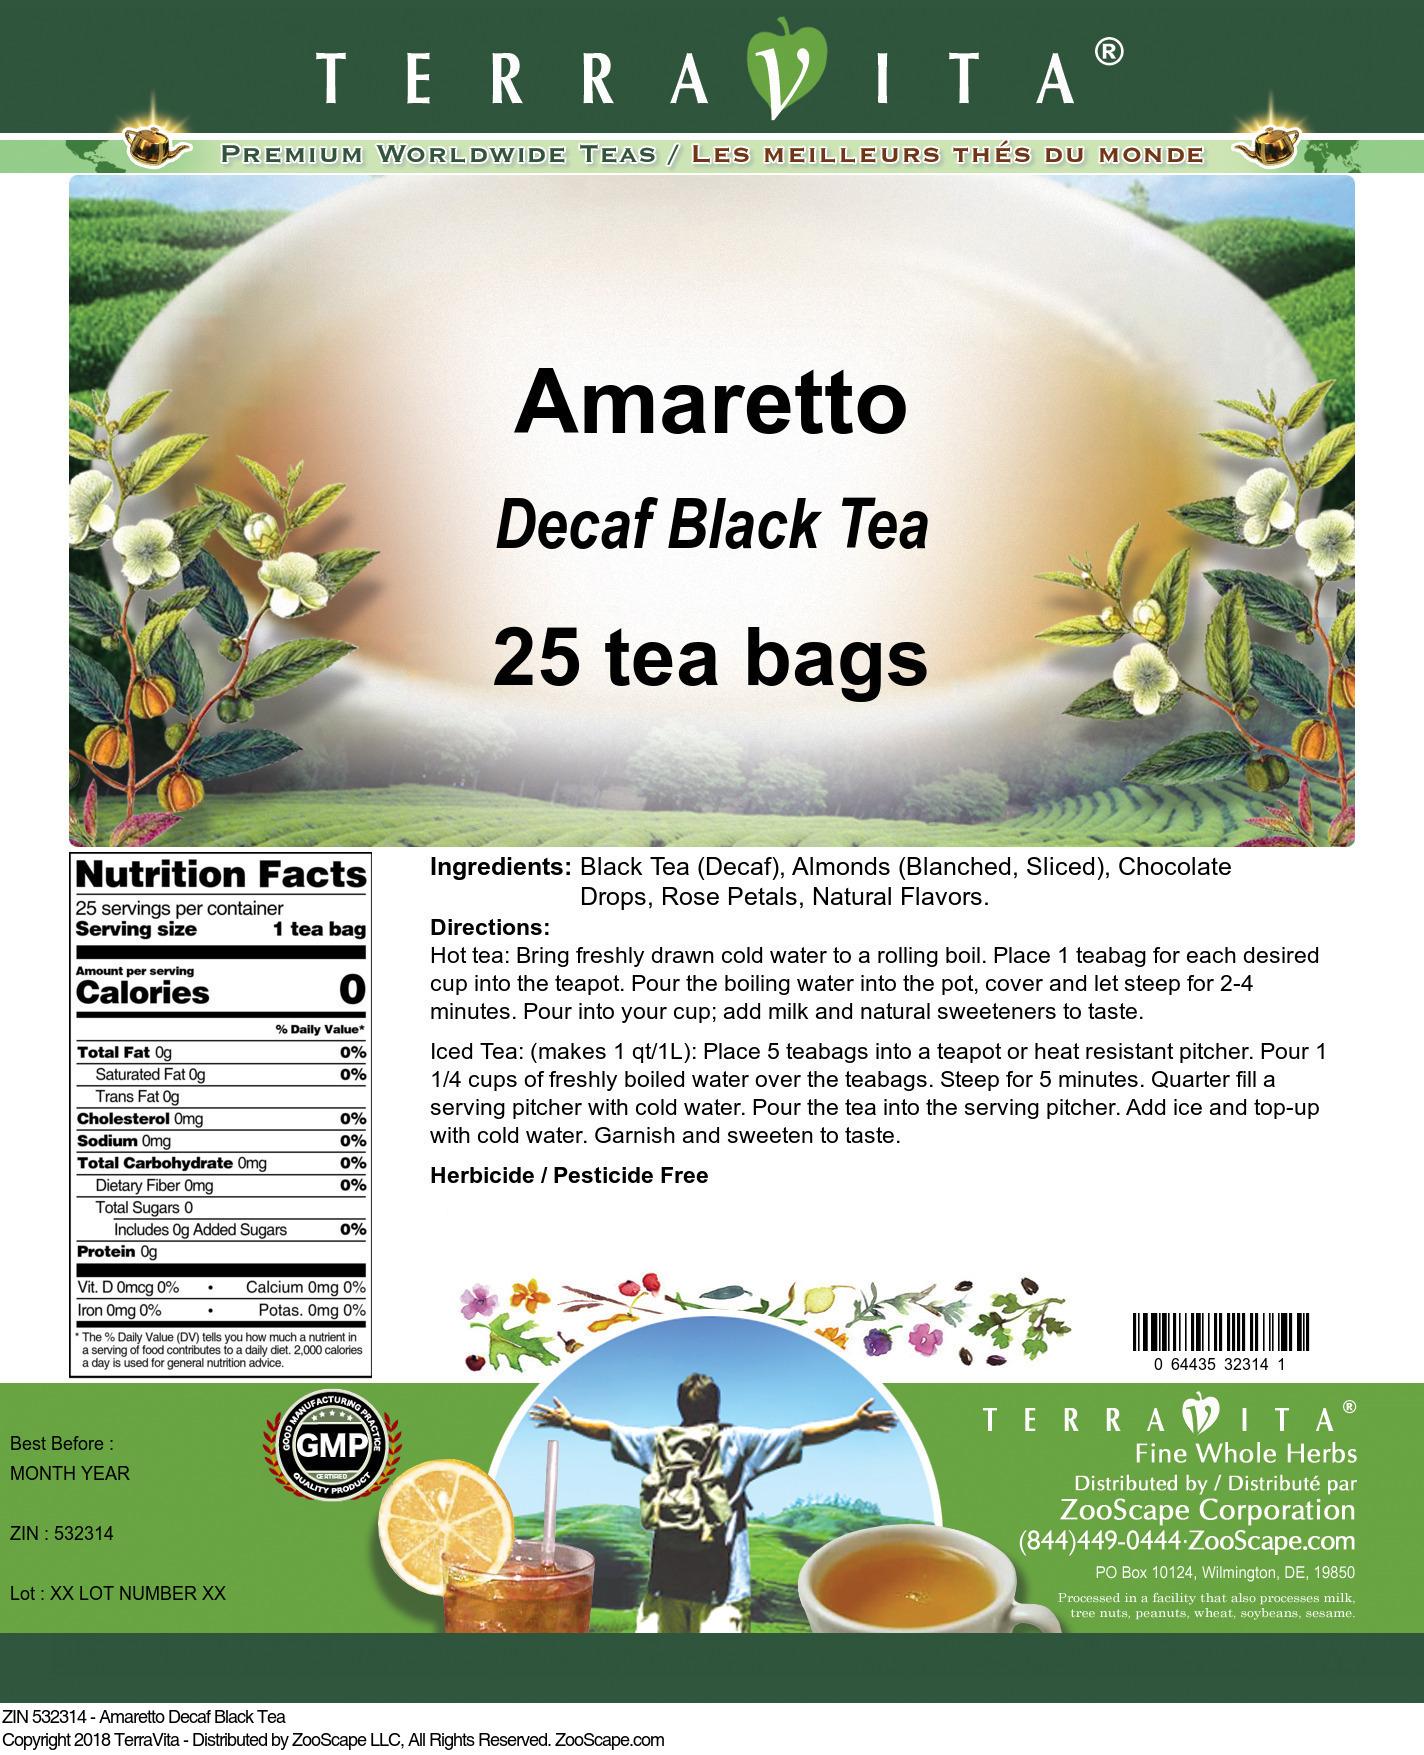 Amaretto Decaf Black Tea